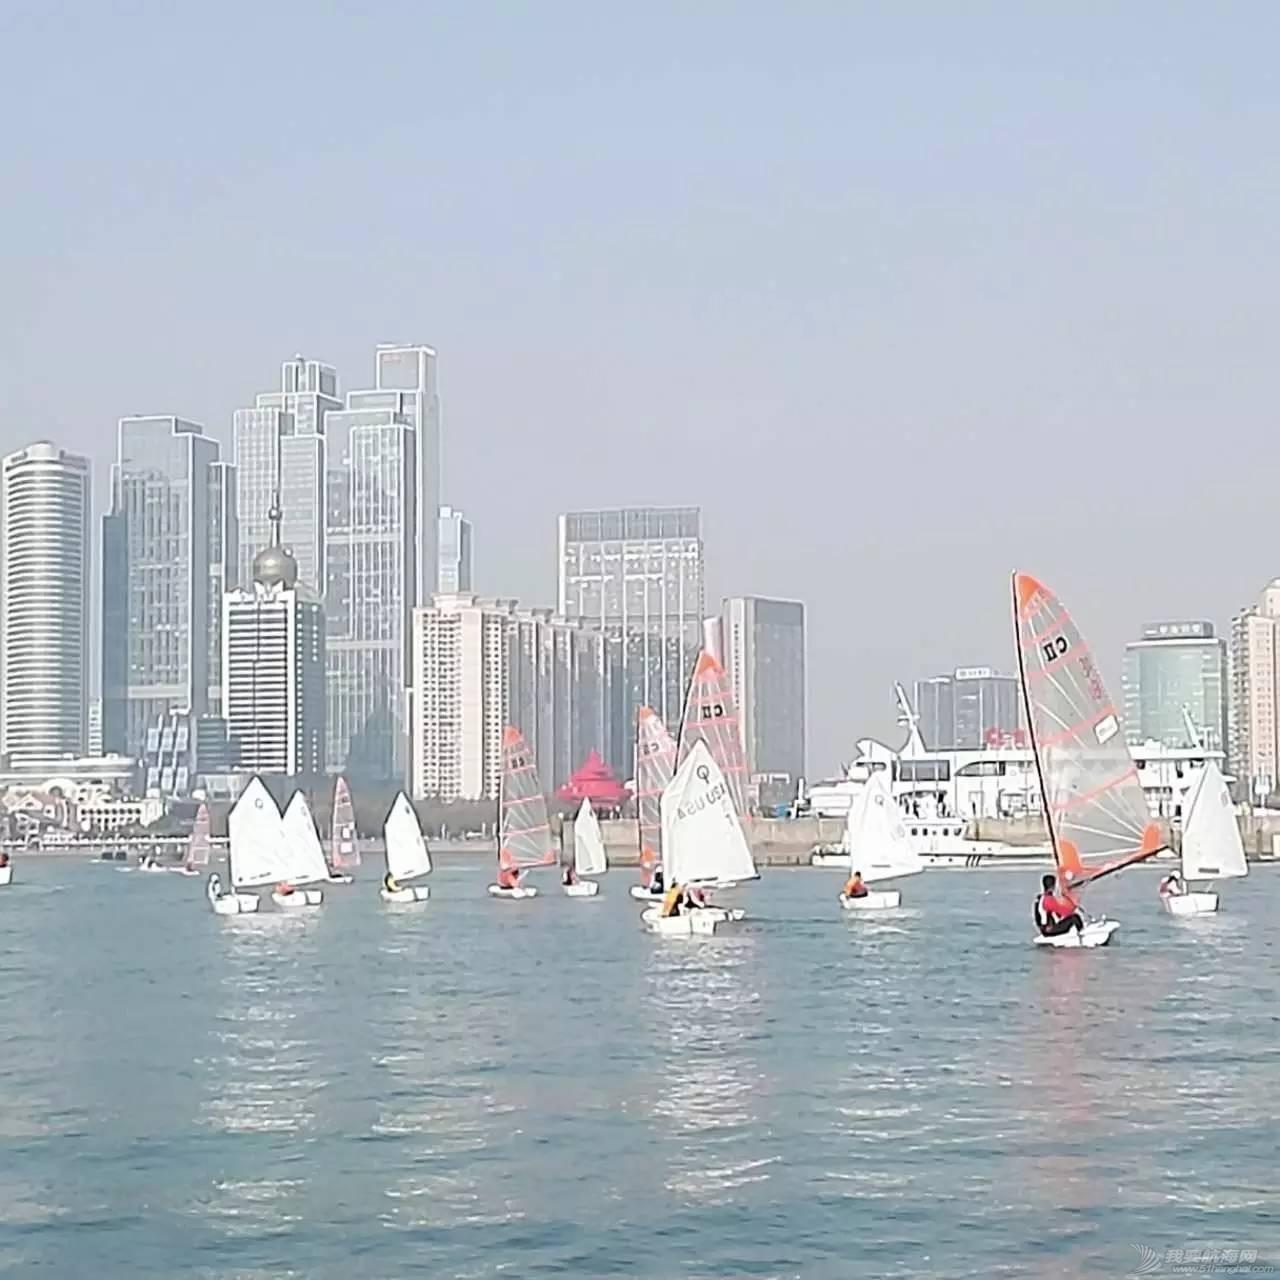 【赛事资讯】2016青岛市青少年帆船帆板锦标赛圆满落幕! b851daea99541e0bc75ee73a02d81acc.jpg